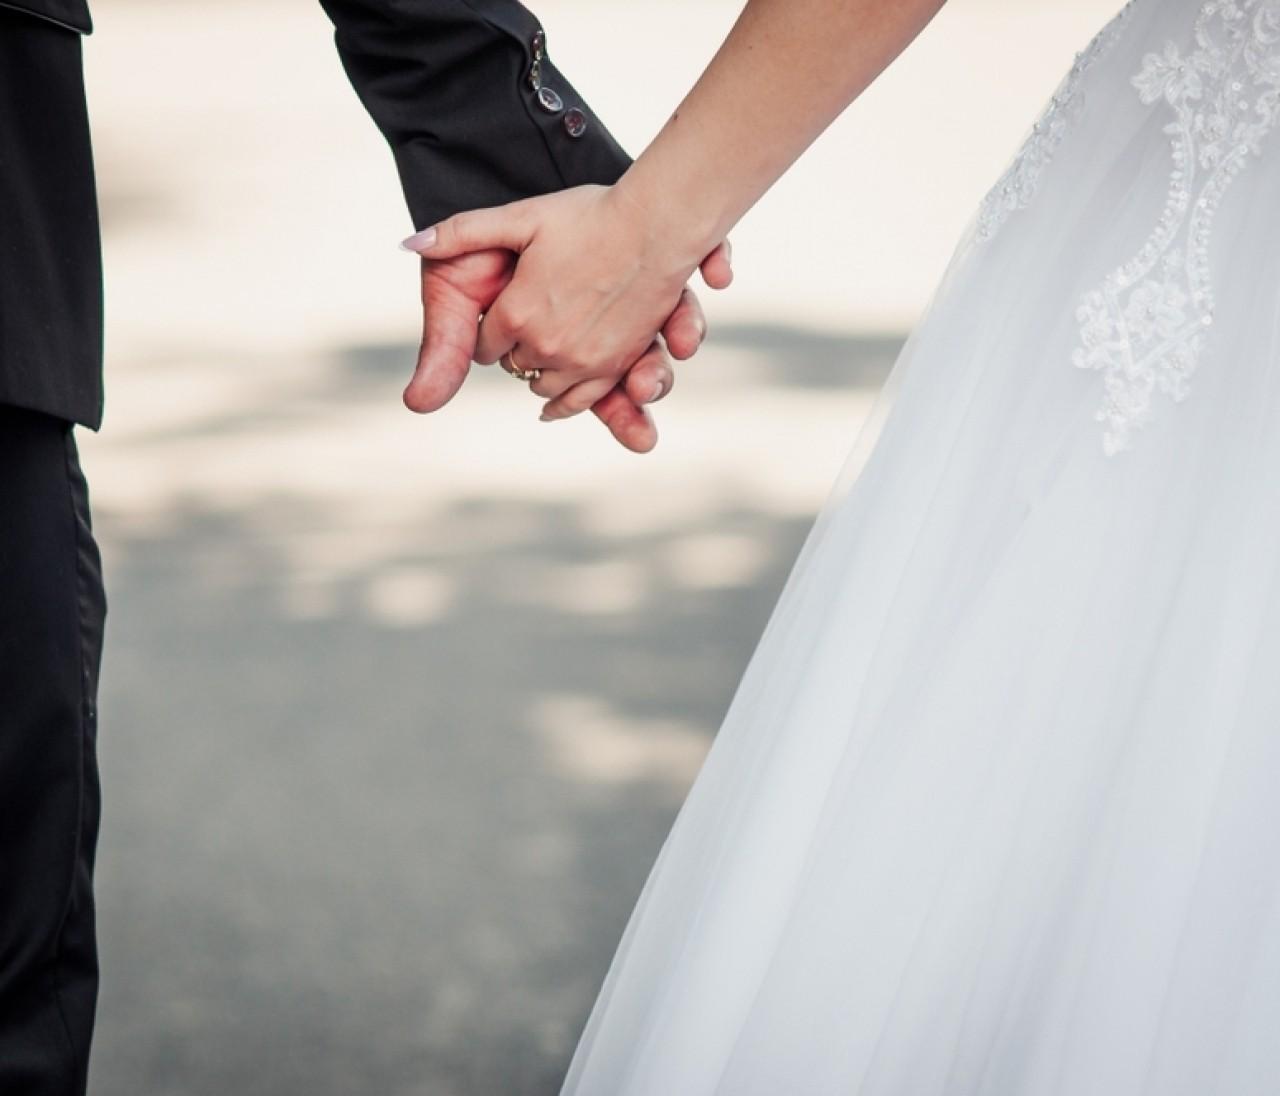 次回から! 婚活・結婚についての情報収集を収集してお届けしまくります!【30代ジーコの、本気で婚活!ブログVol.37】